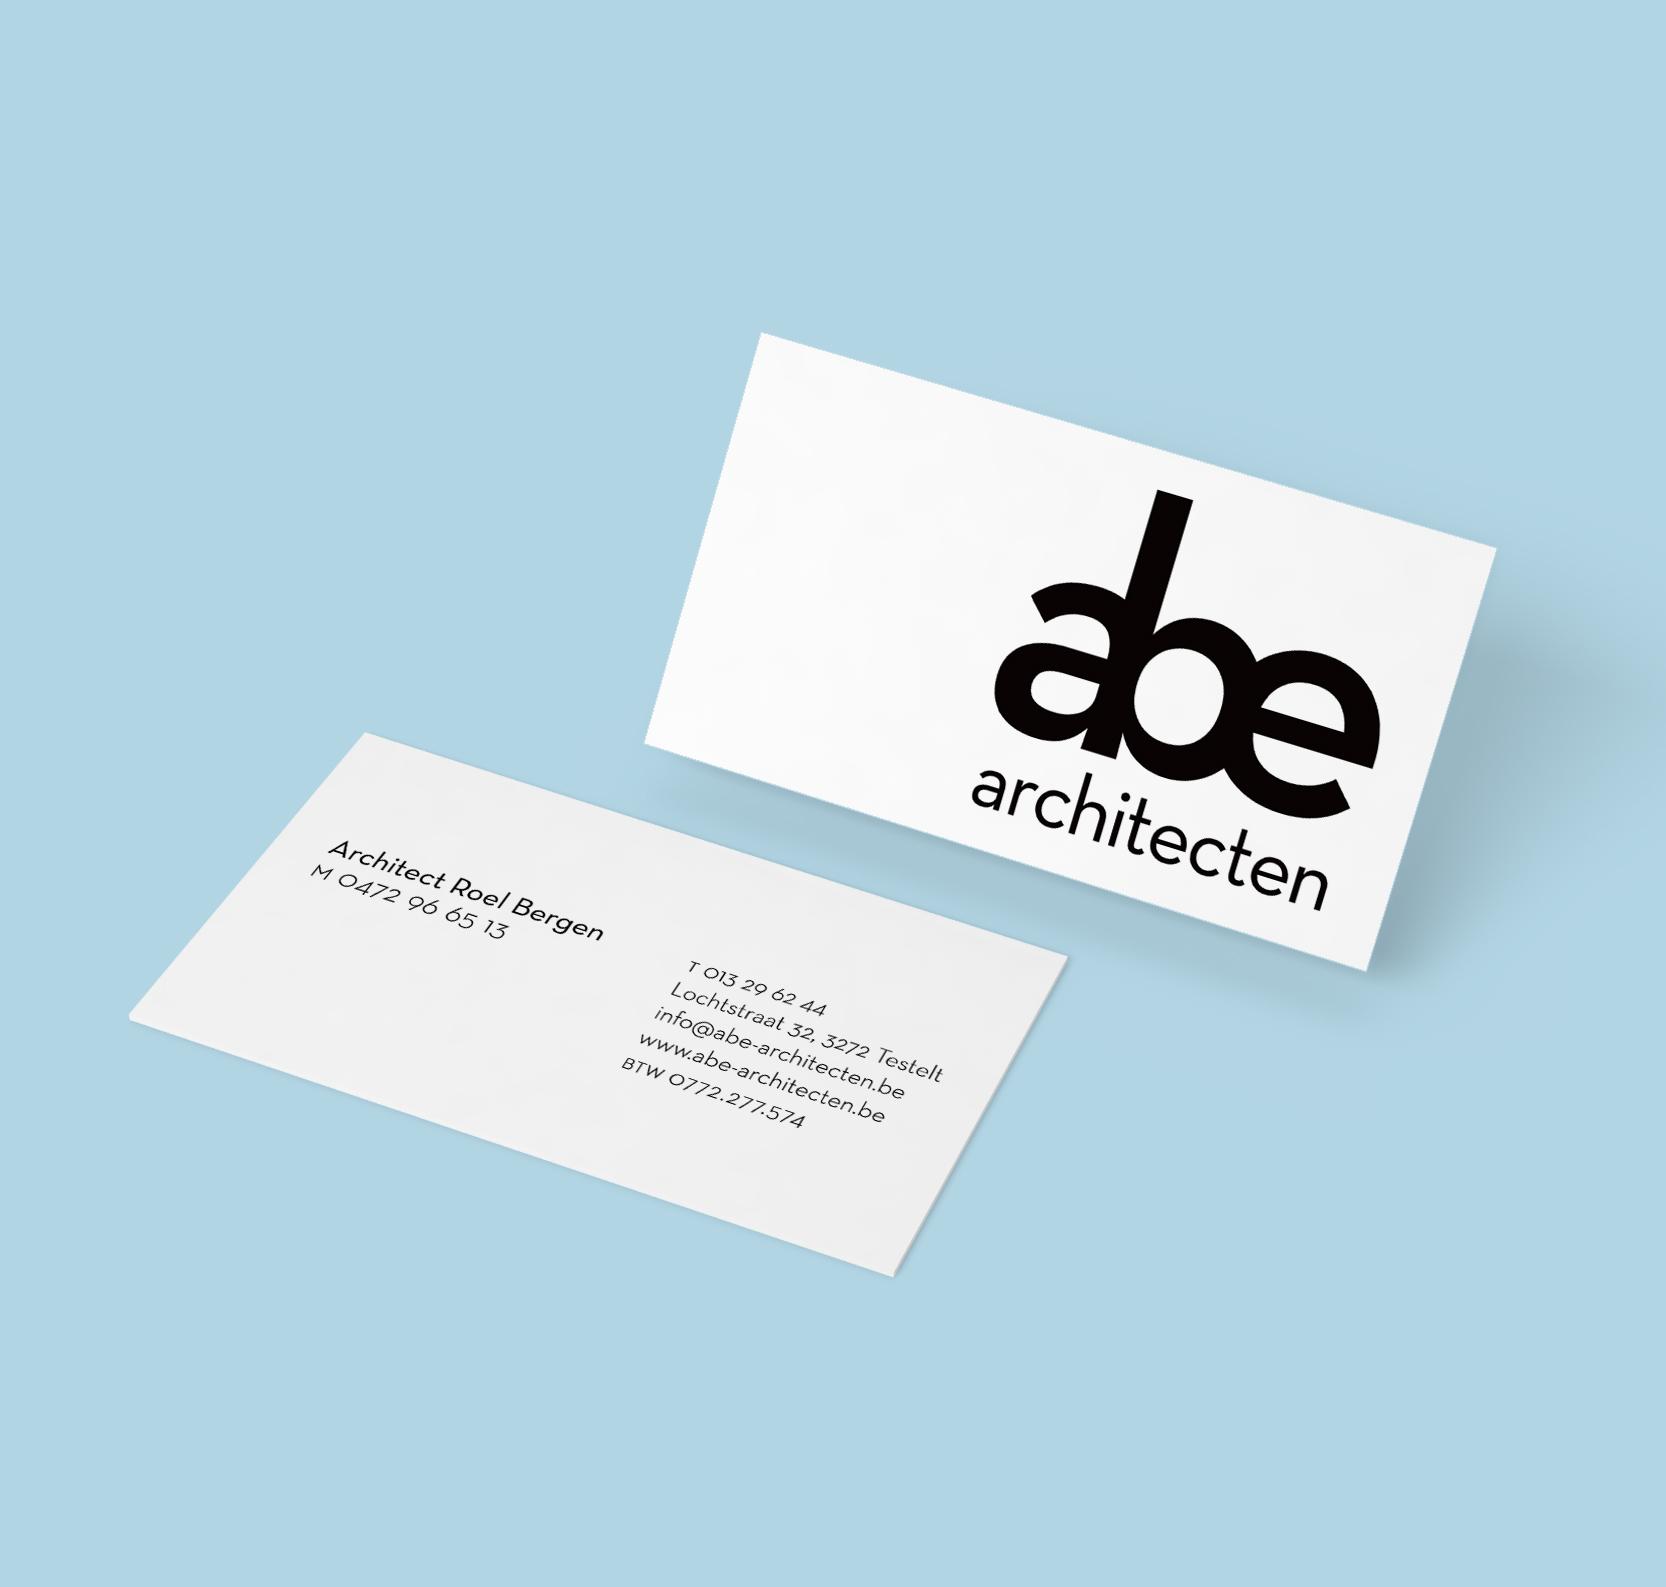 abe-architecten-naamkaartjes